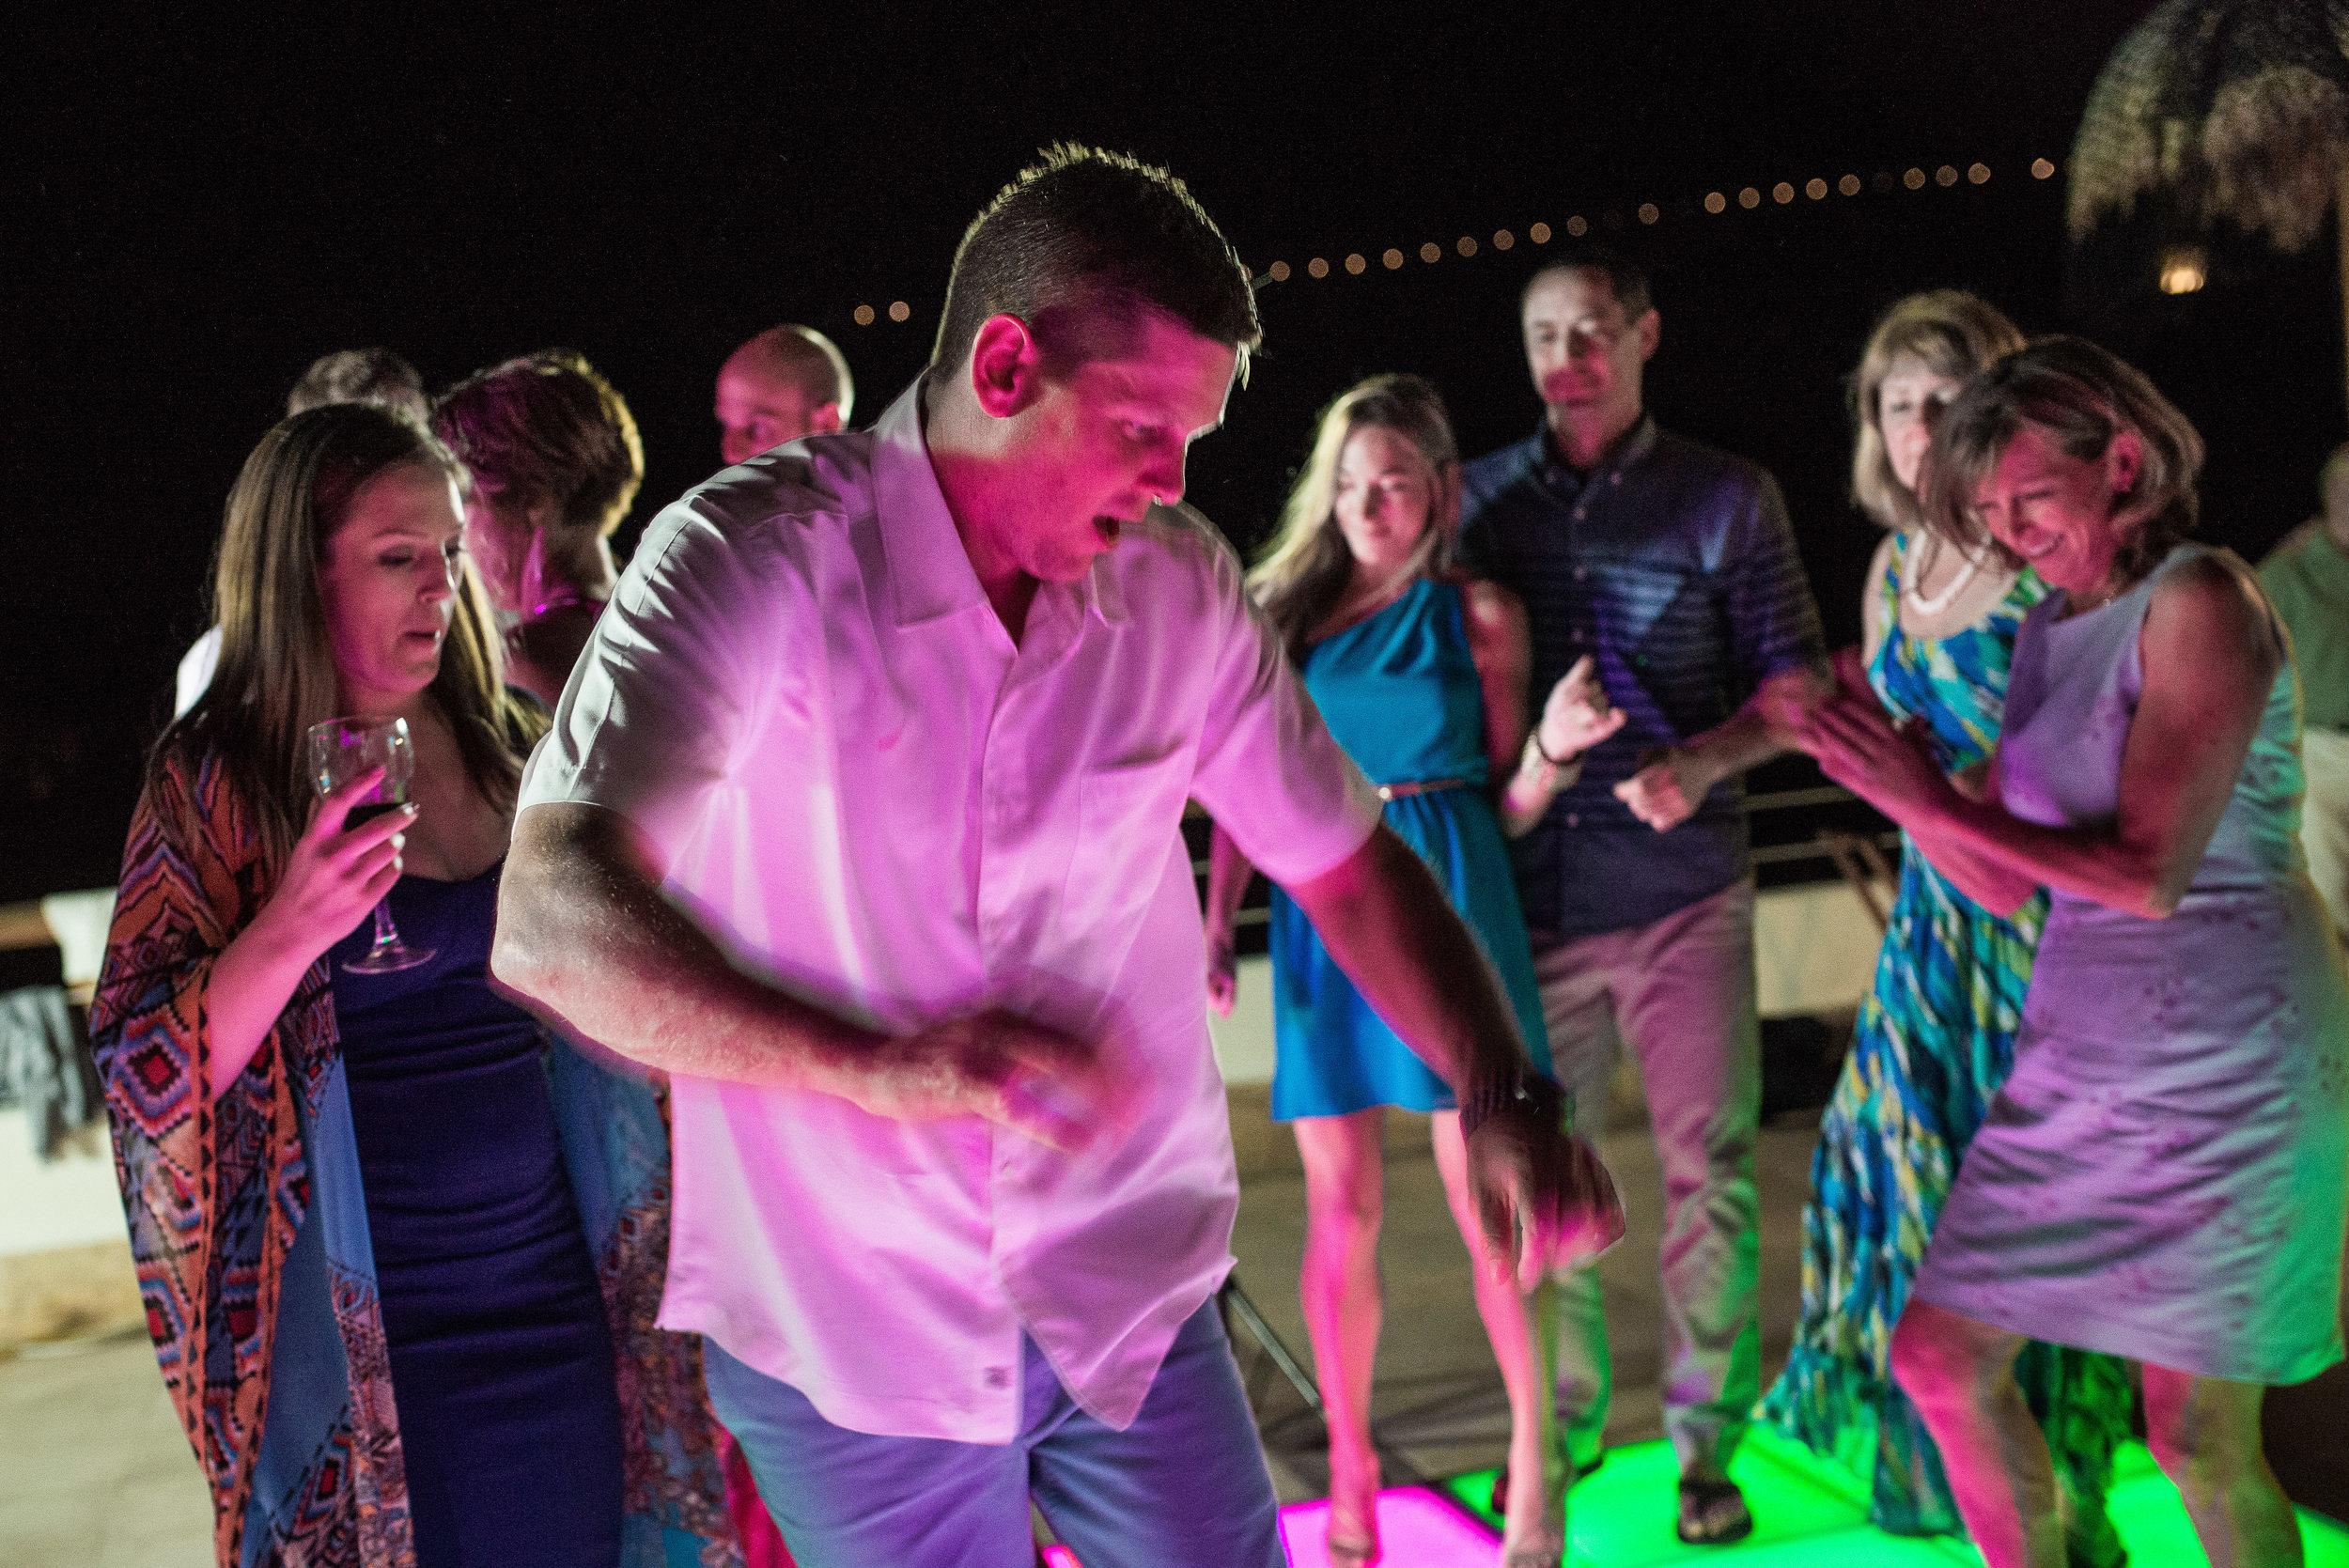 los-cabos-wedding-parties